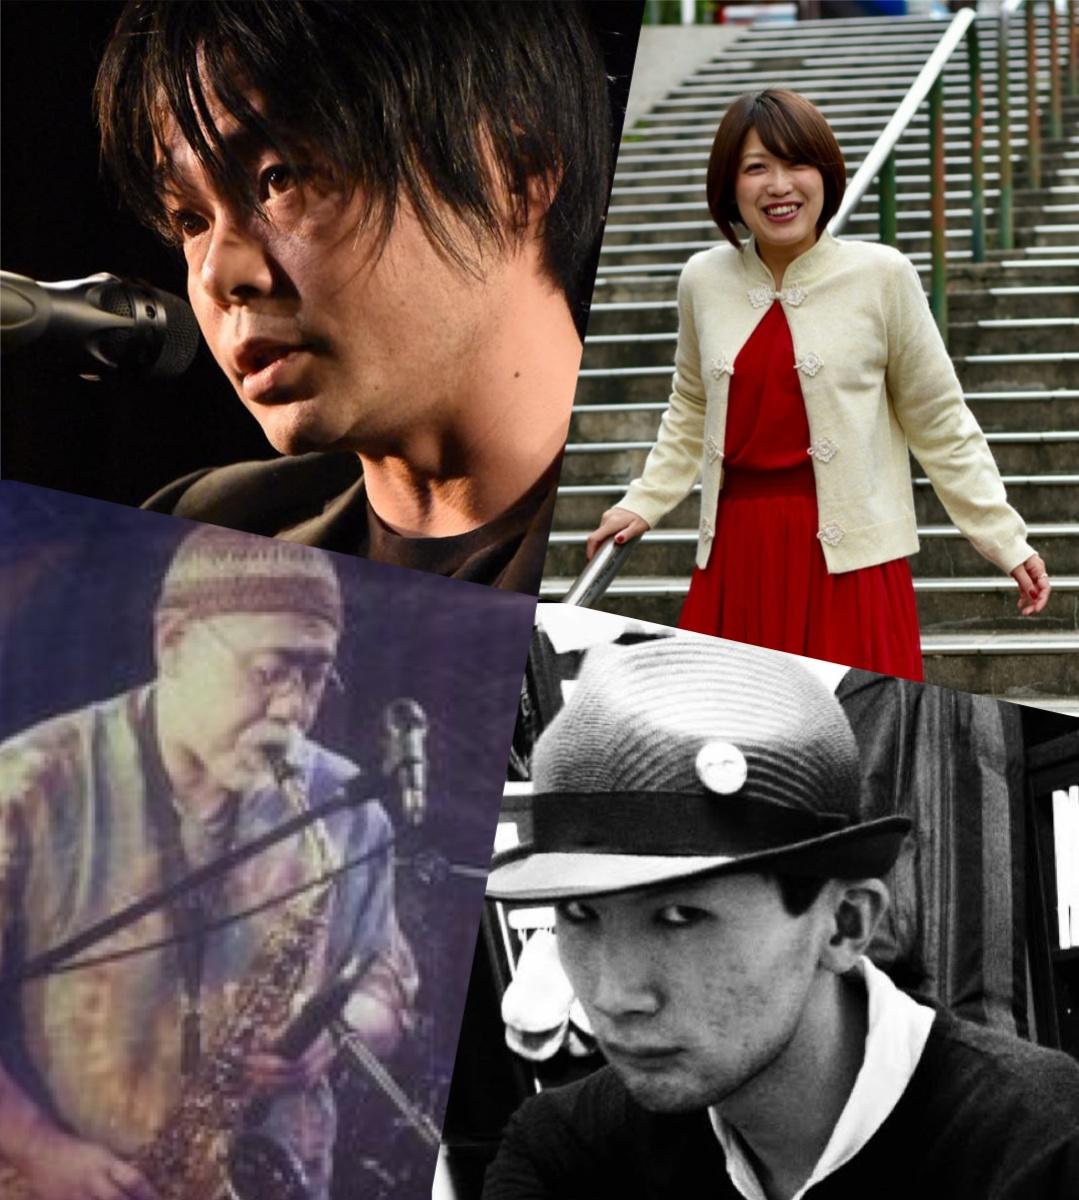 『愛することができるものすべて』出演:アベヒロシ / 高島由美 / O-ju Jazz Punx / 石山皓壱朗